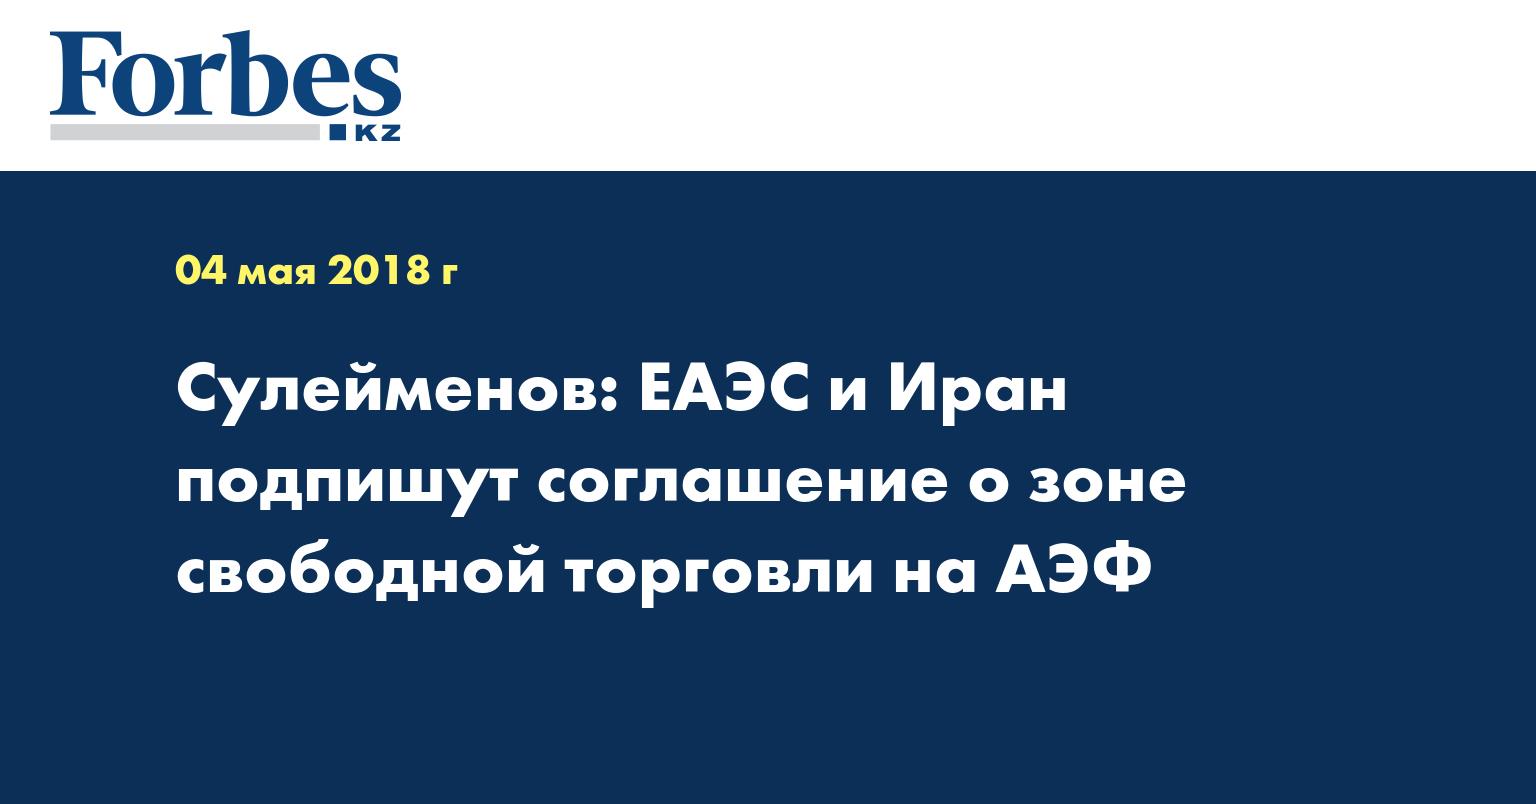 Сулейменов: ЕАЭС и Иран подпишут соглашение о зоне свободной торговли на АЭФ